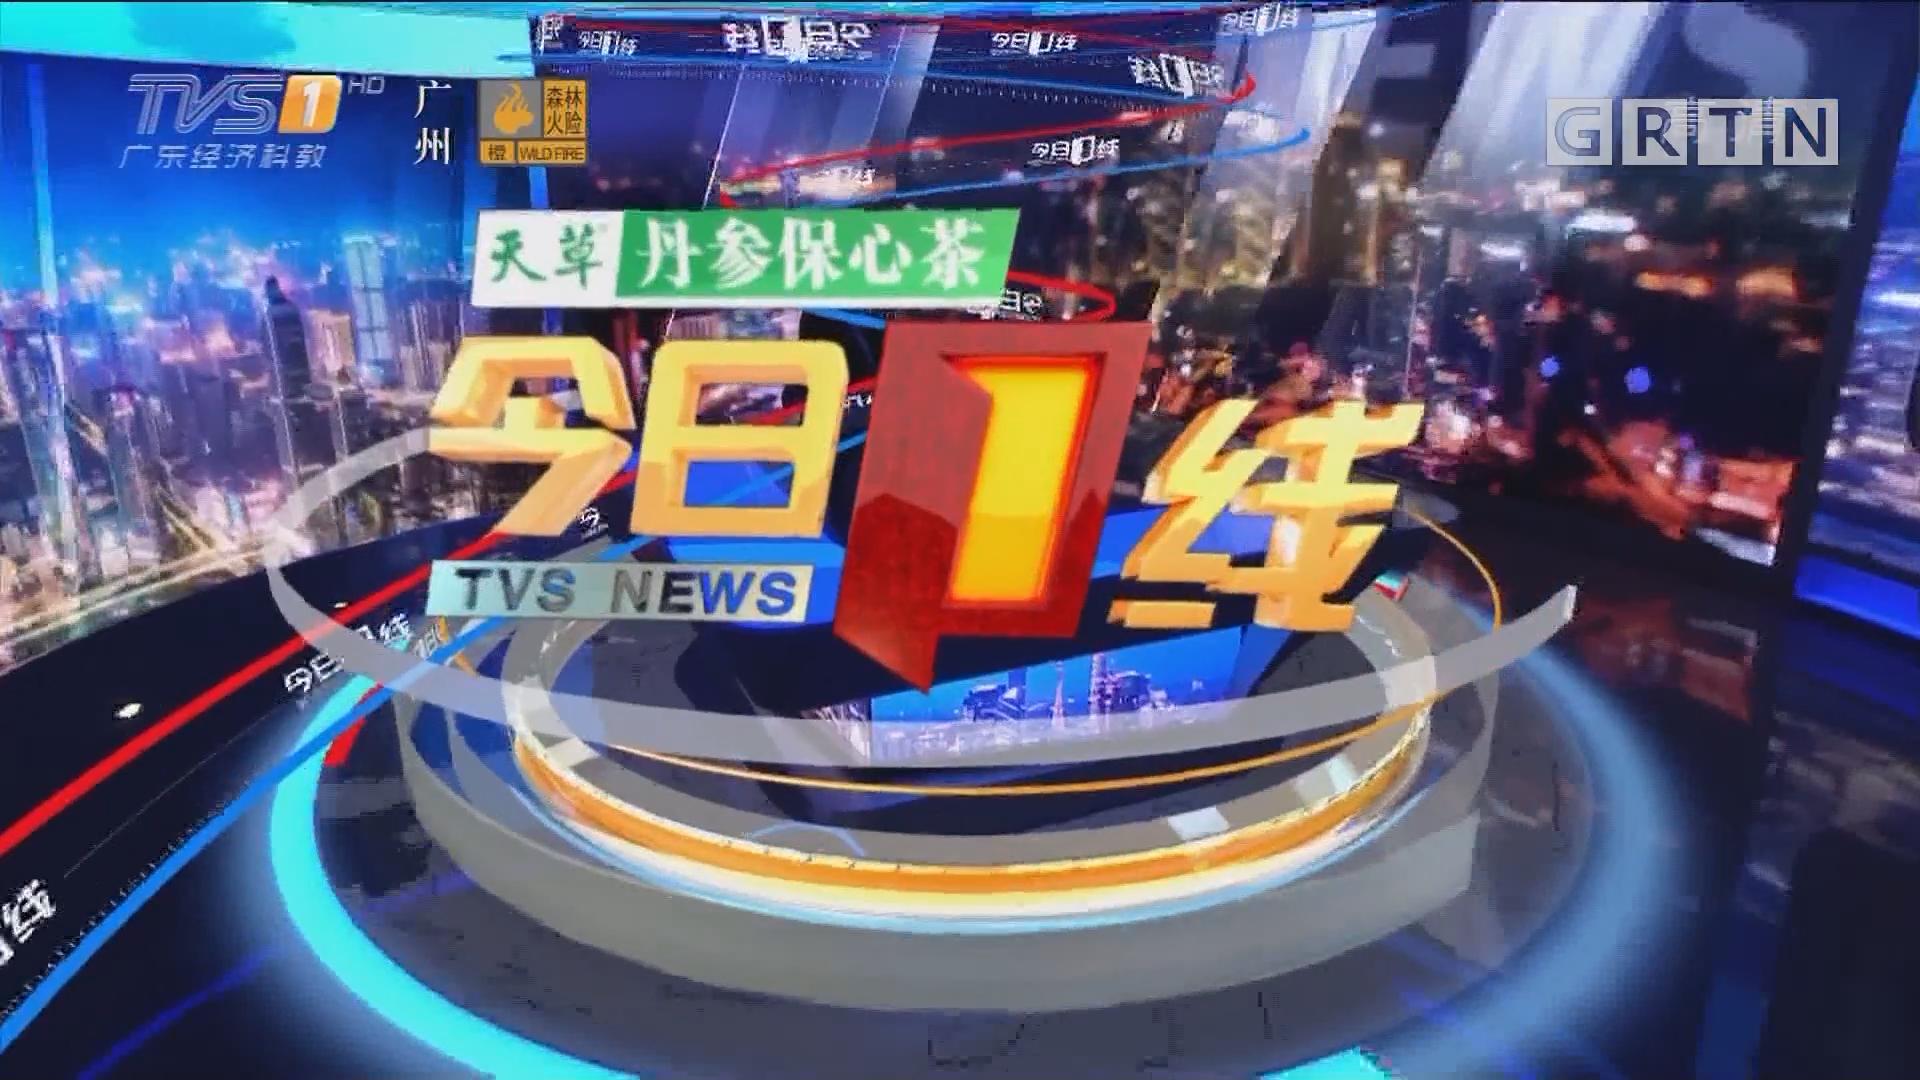 [HD][2019-02-17]今日一线:天气交通:广东将遇雷雨天 局地暴雨大暴雨